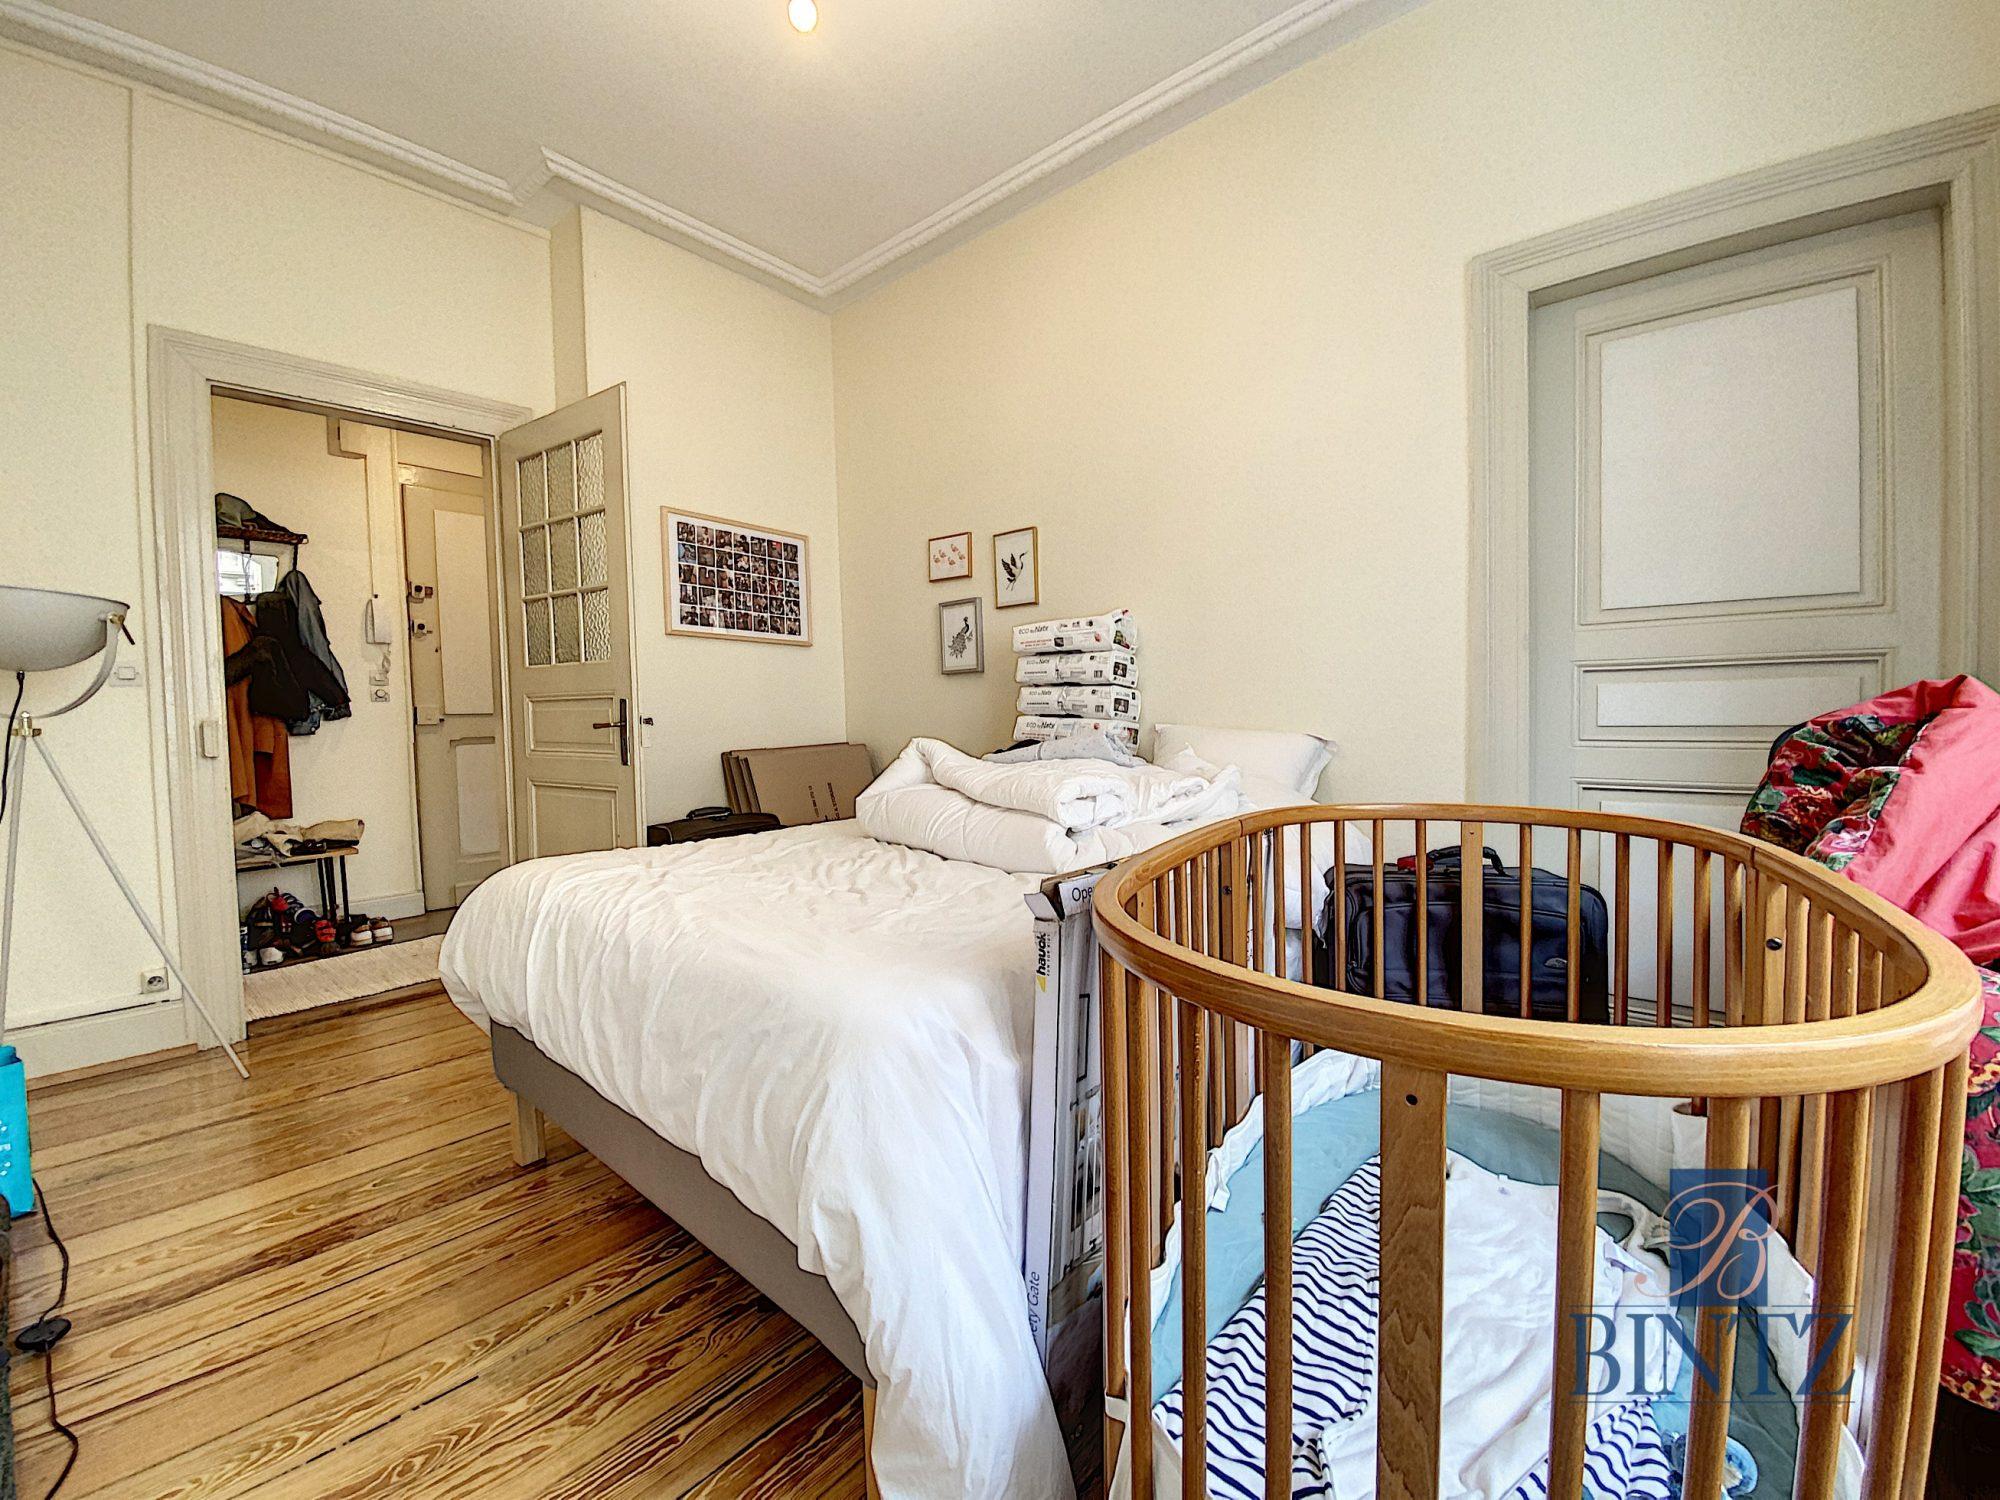 T4 PROCHE ORANGERIE - Devenez locataire en toute sérénité - Bintz Immobilier - 12